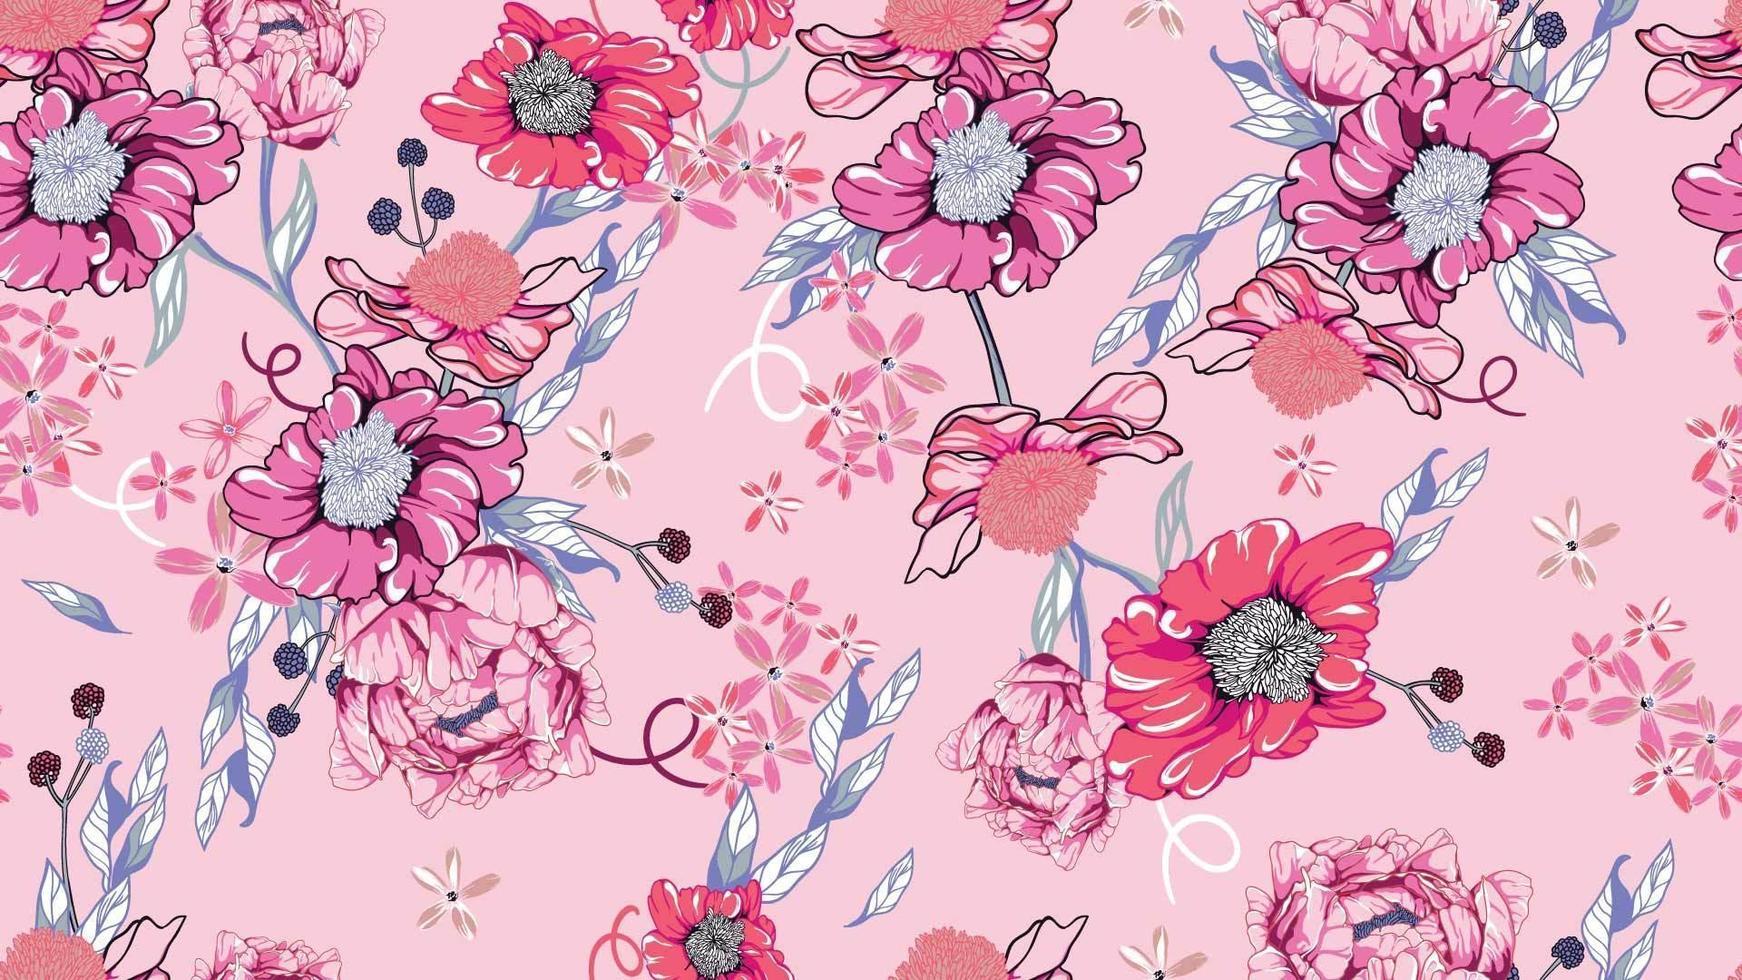 sömlösa mönster av flora och pioner vektor